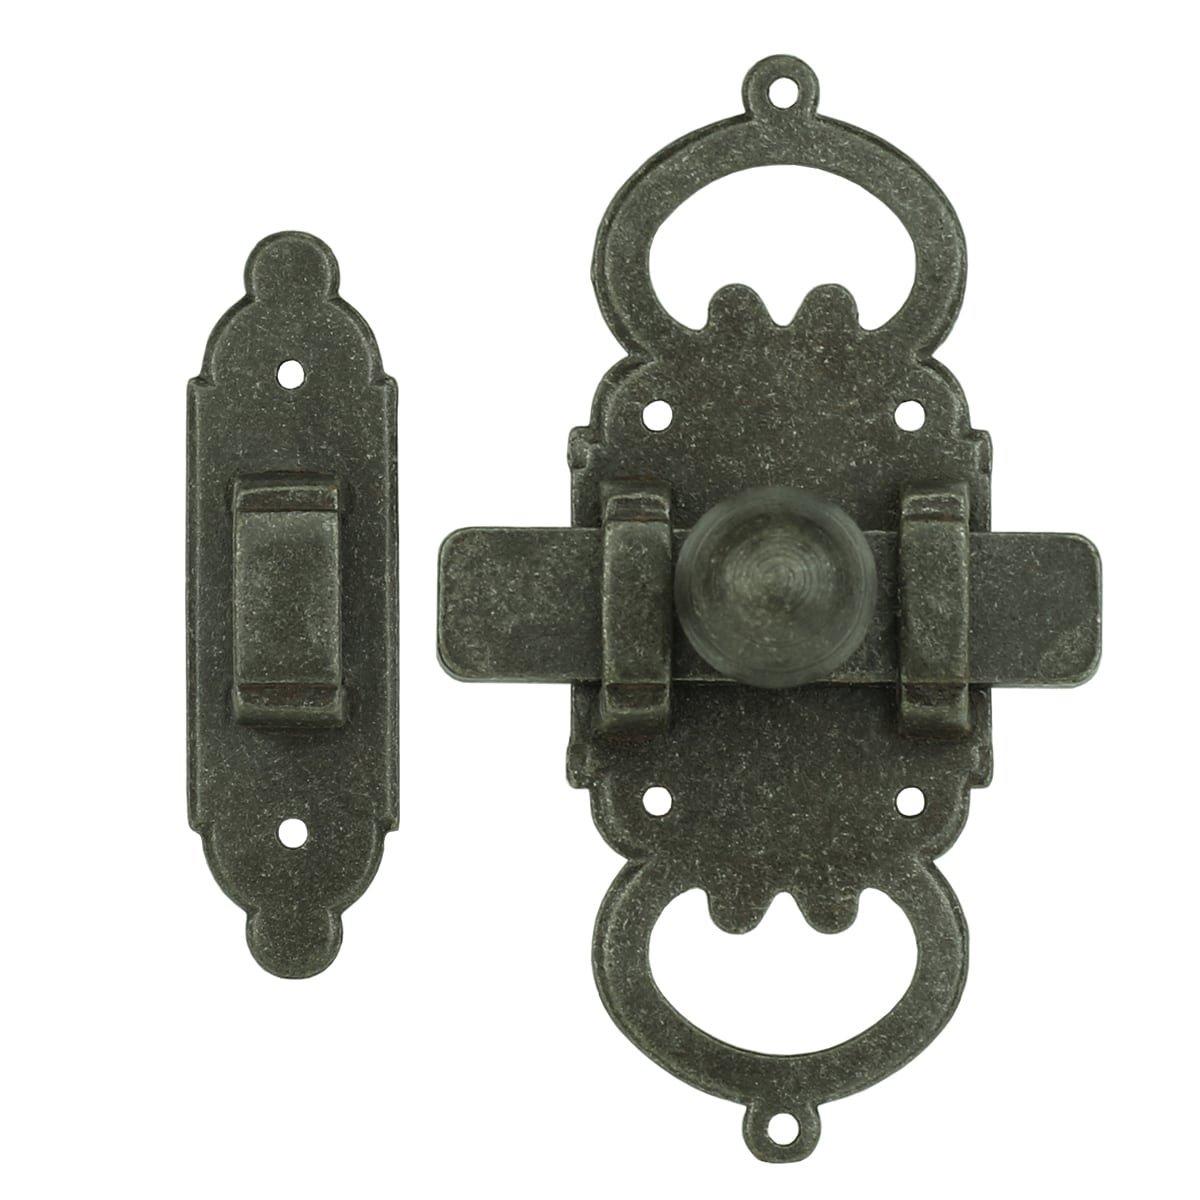 Türbeschläge Türschlösser Schiebeschloss mit schlossfänger antik - 100 mm